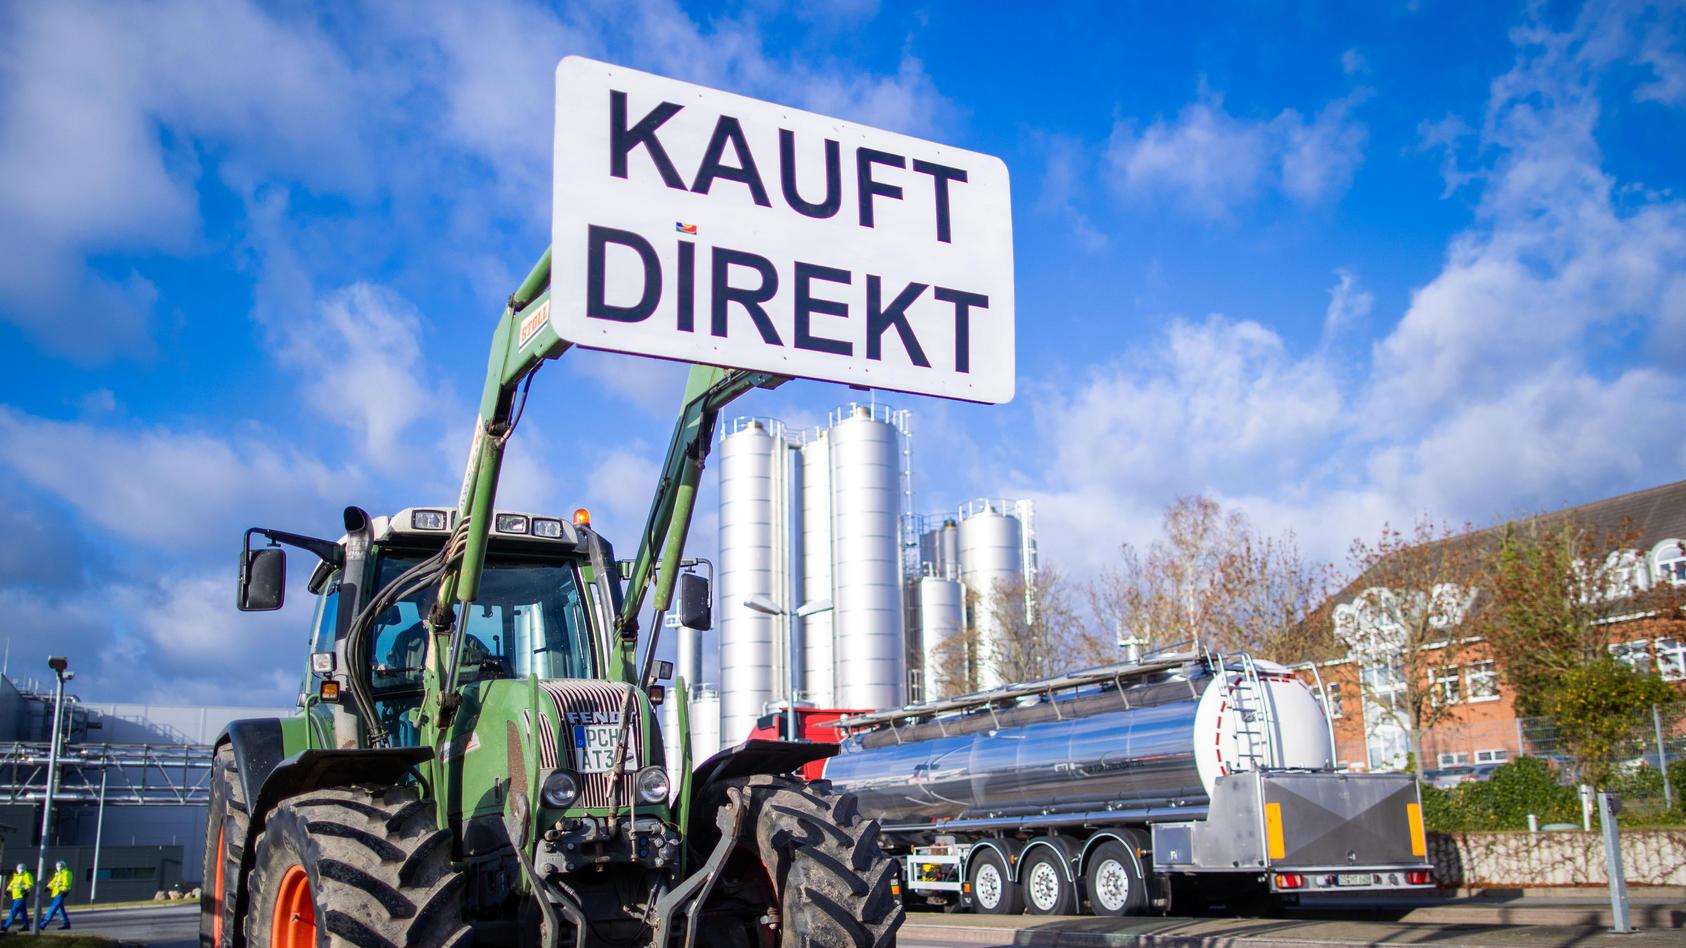 Milchbauern, Schweinebauern und andere Landwirte demonstrieren schon lange für faire Preise.  Durch Corona leiden sie noch mehr.